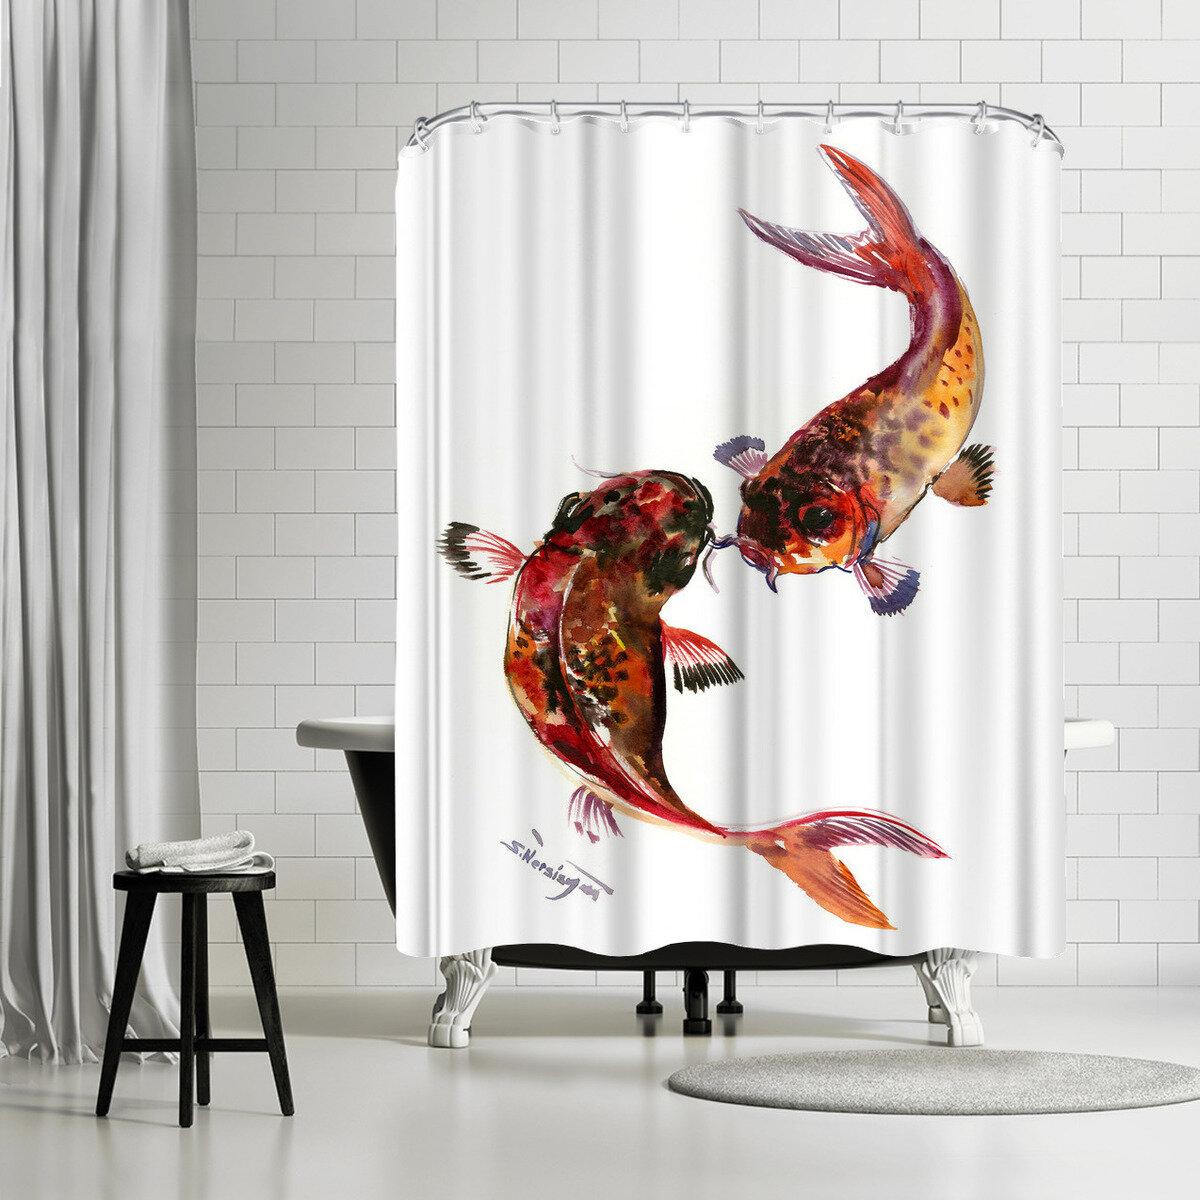 East Urban Home Suren Nersisyan Feng Shui Koi Fish Single Shower Curtain Wayfair